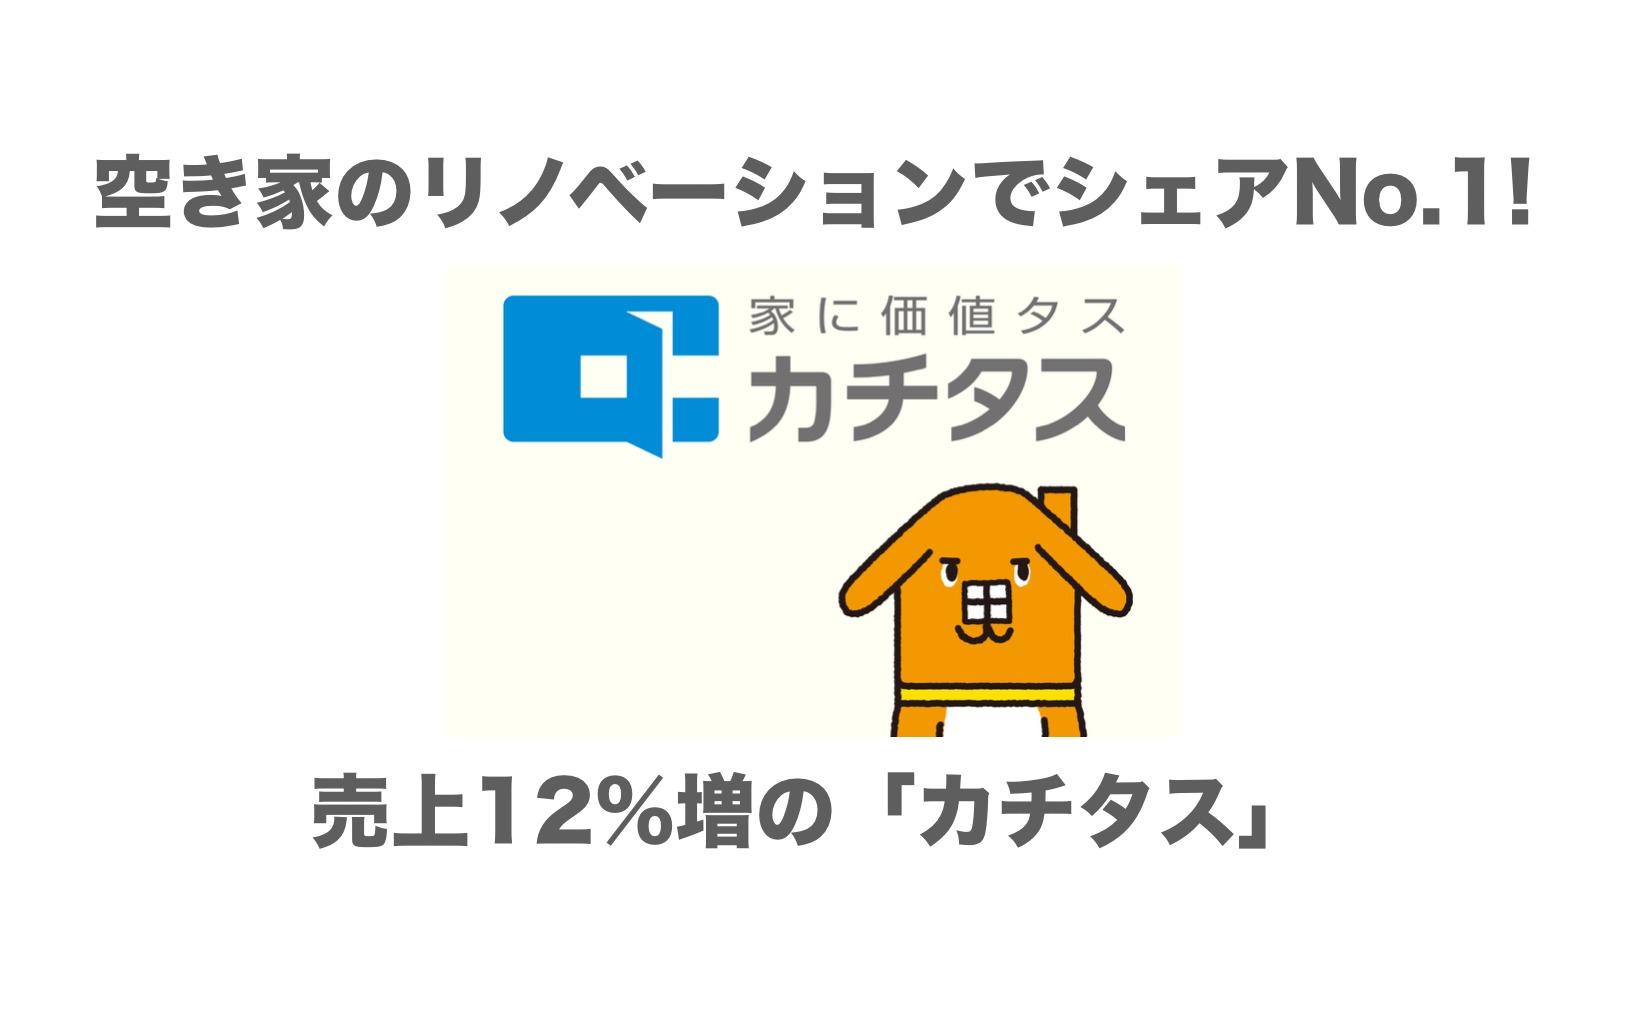 空き家のリノベーション販売で圧倒的シェアNo.1!売上12%増の「カチタス」